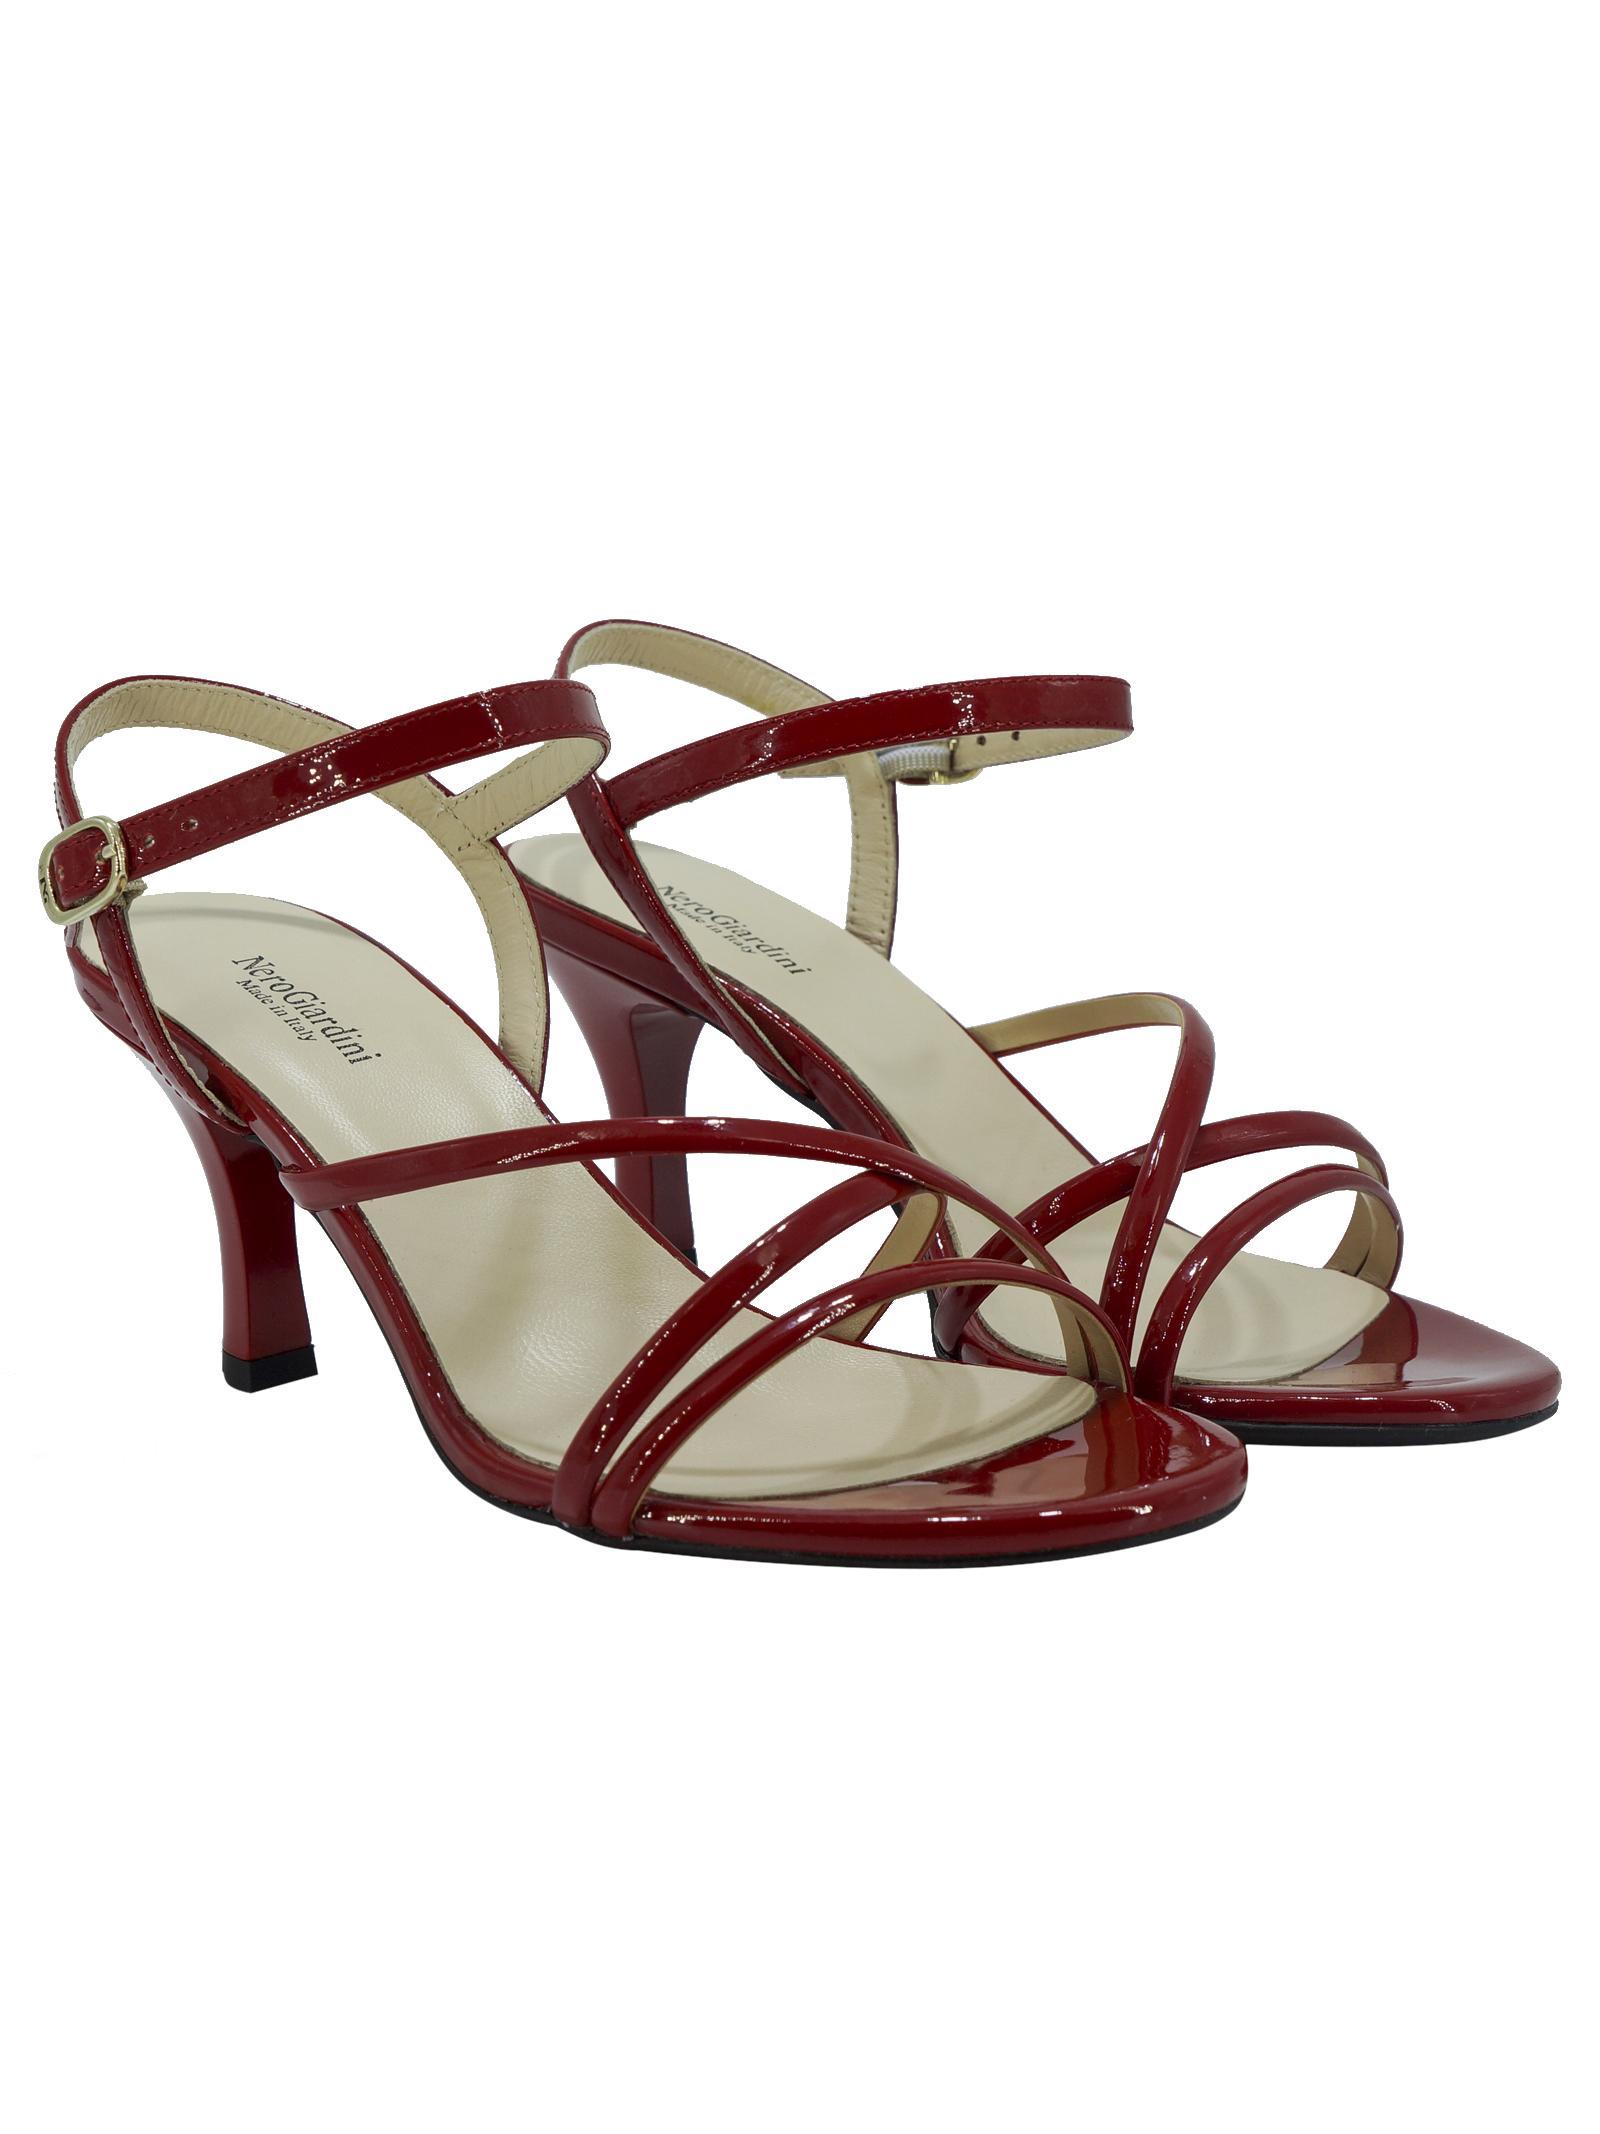 Sandali Donna in Vernice Nero Giardini Nero Giardini | Sandali | E116560DECILIEGIA624